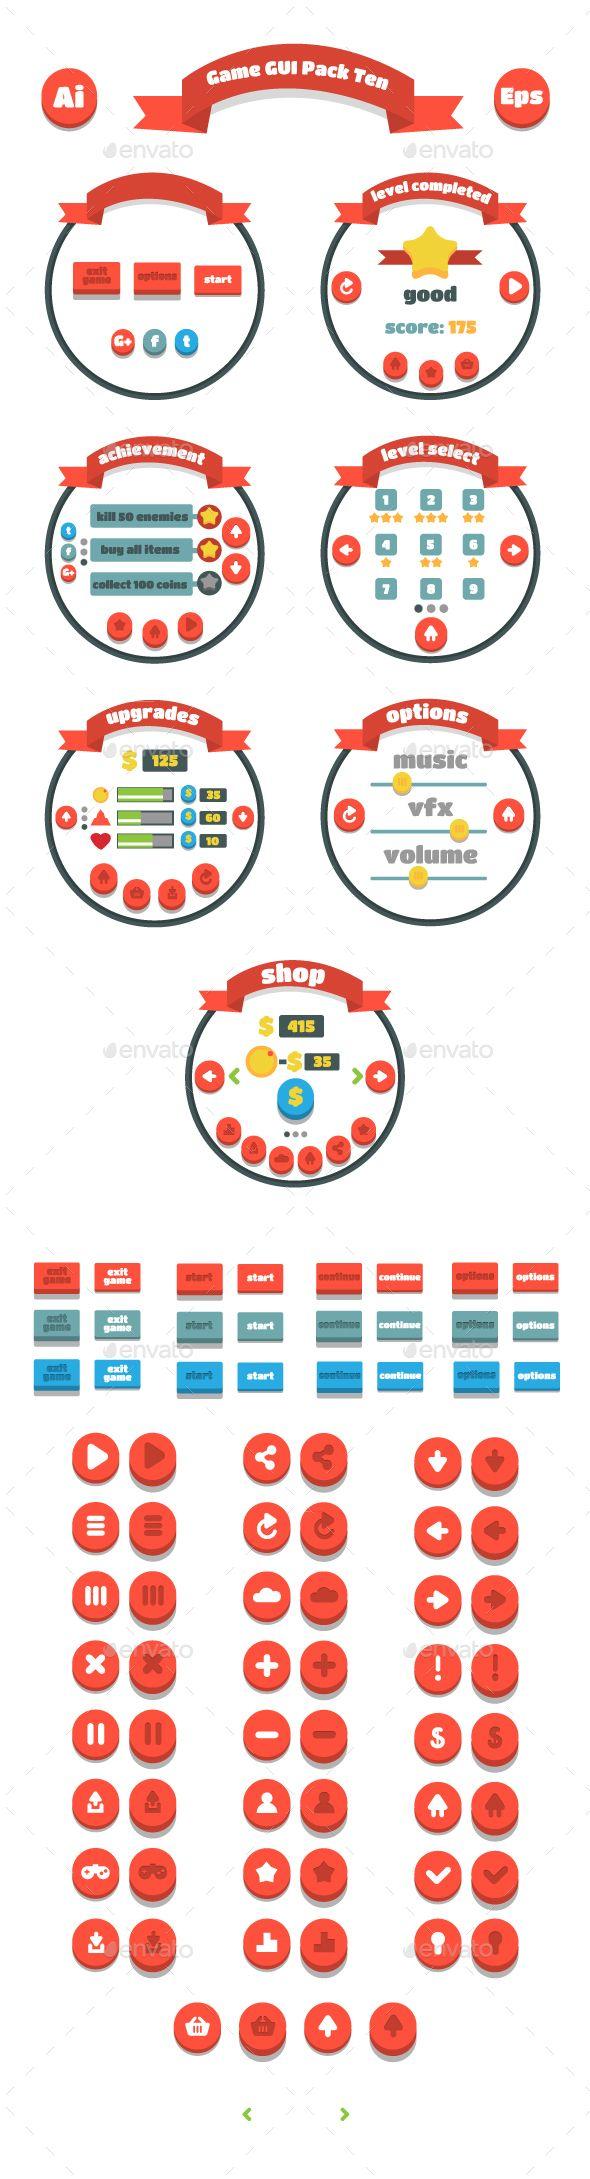 Game GUI Vector EPS, AI Illustrator Pack Ten. Download here: https://graphicriver.net/item/game-gui-pack-ten/14235377?ref=ksioks